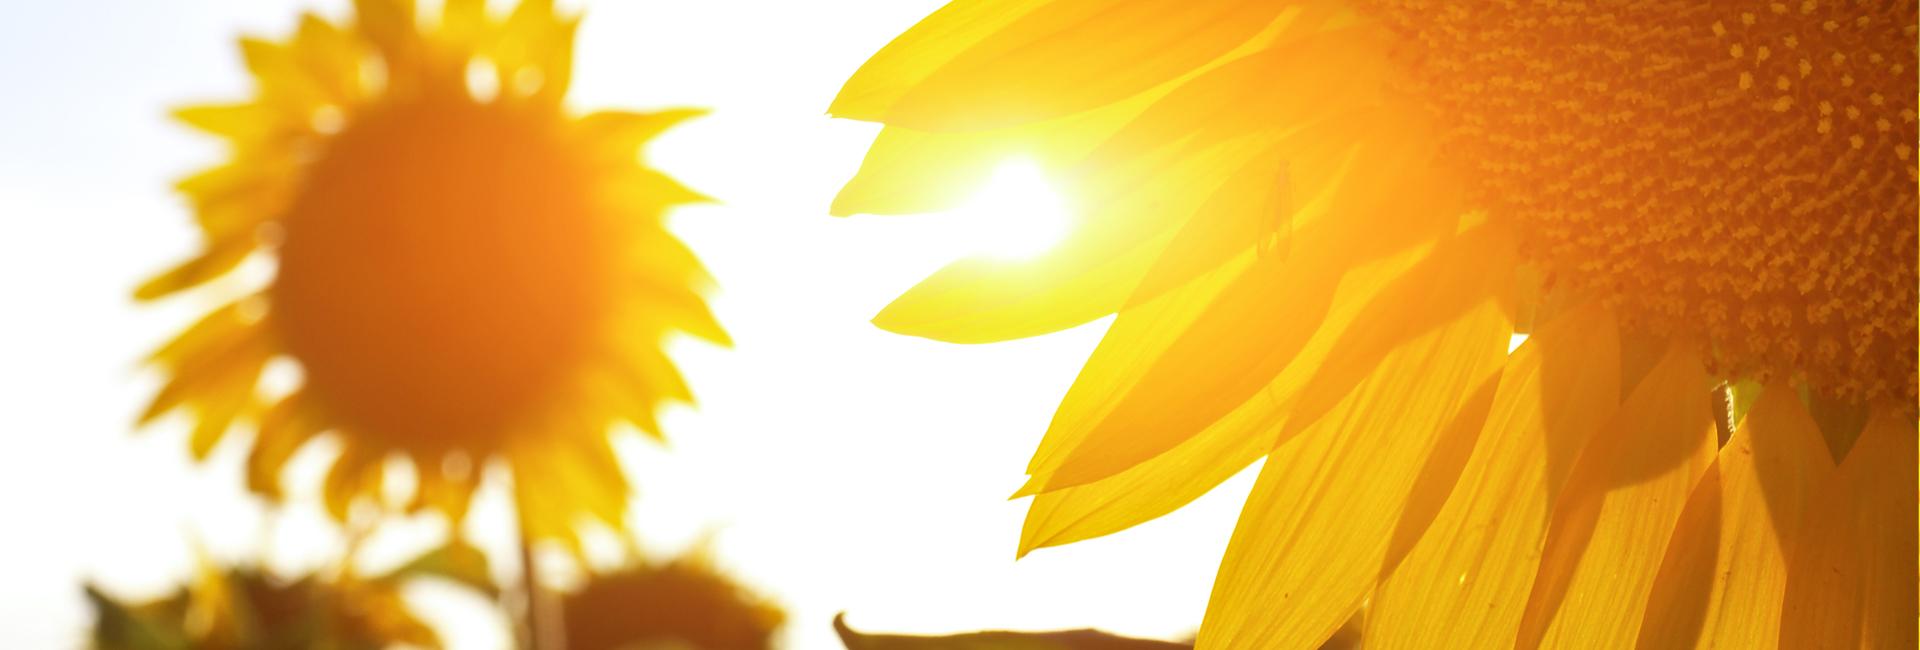 Astenie de primăvară, toamnă sau deficit de vitamina D3?